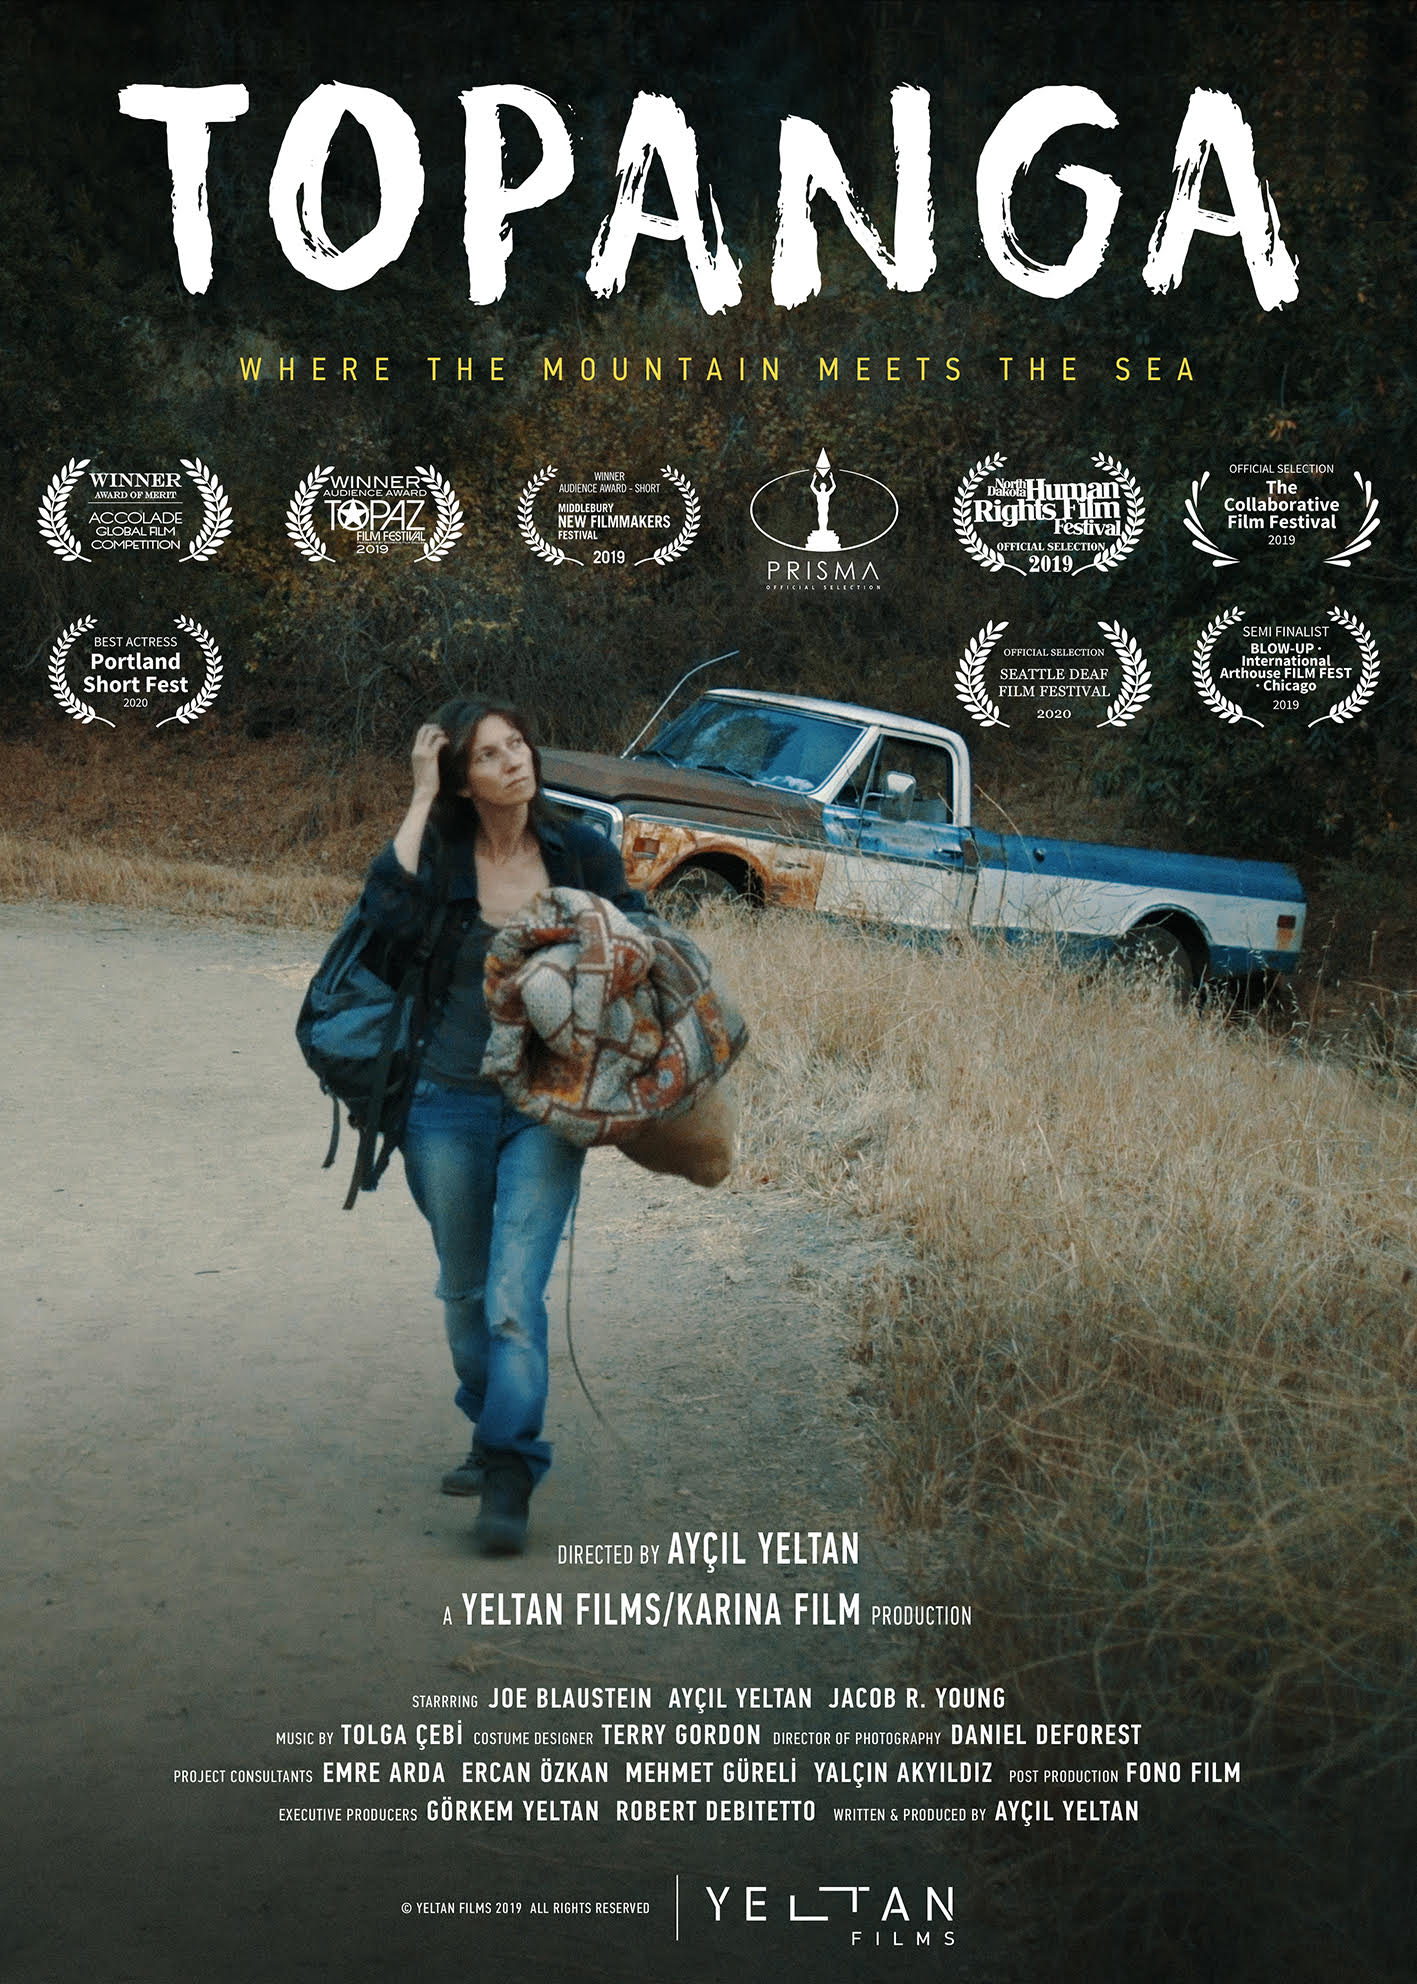 Topanga Movie Awards Poster